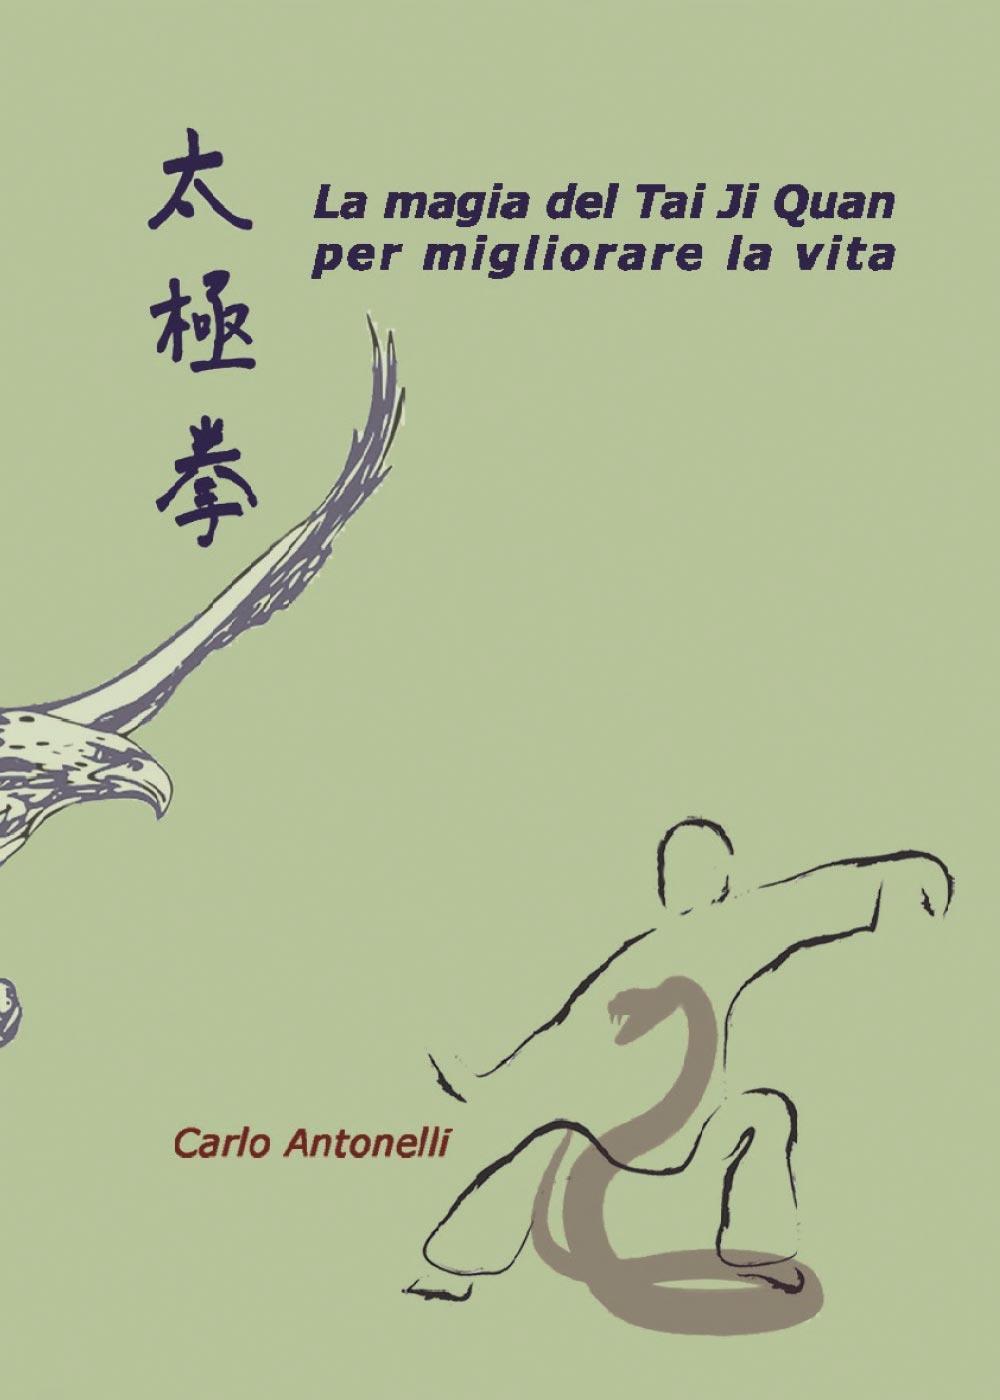 La magia del Tai Ji Quan per migliorare la vita